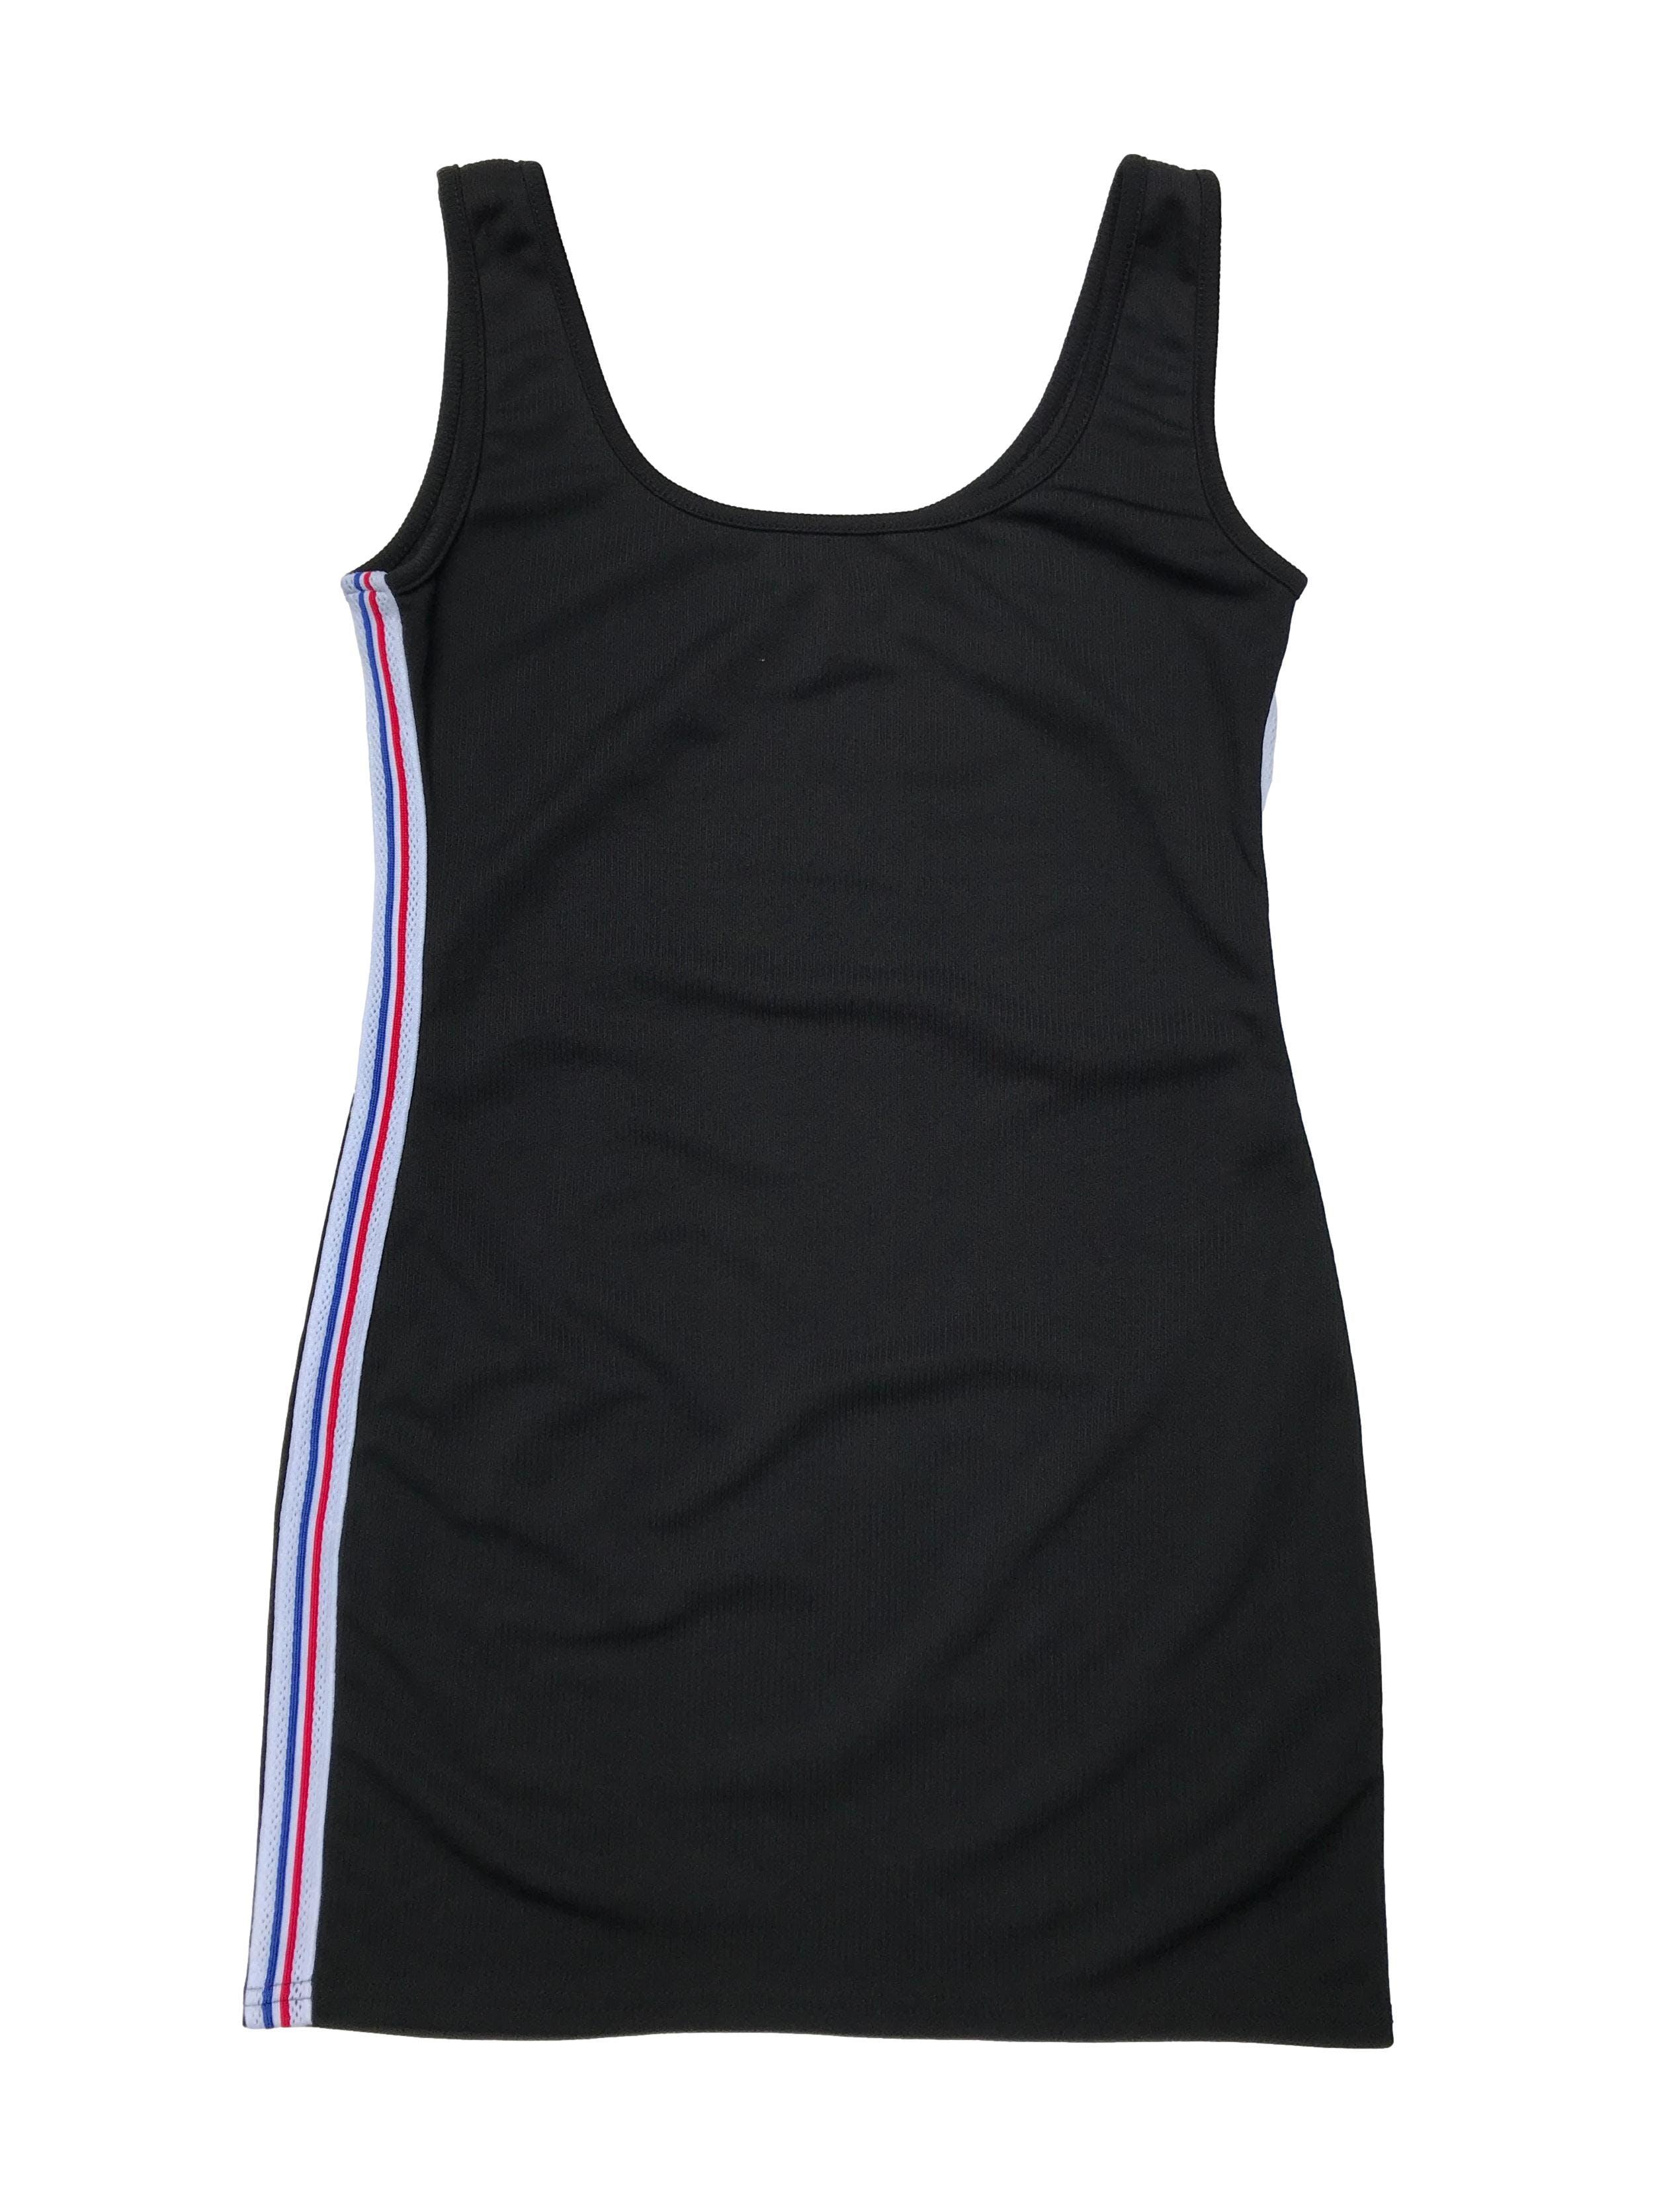 Vestido negro con textura en líneas, ligeramente stretch, con franjas laterales. Largo 80cm